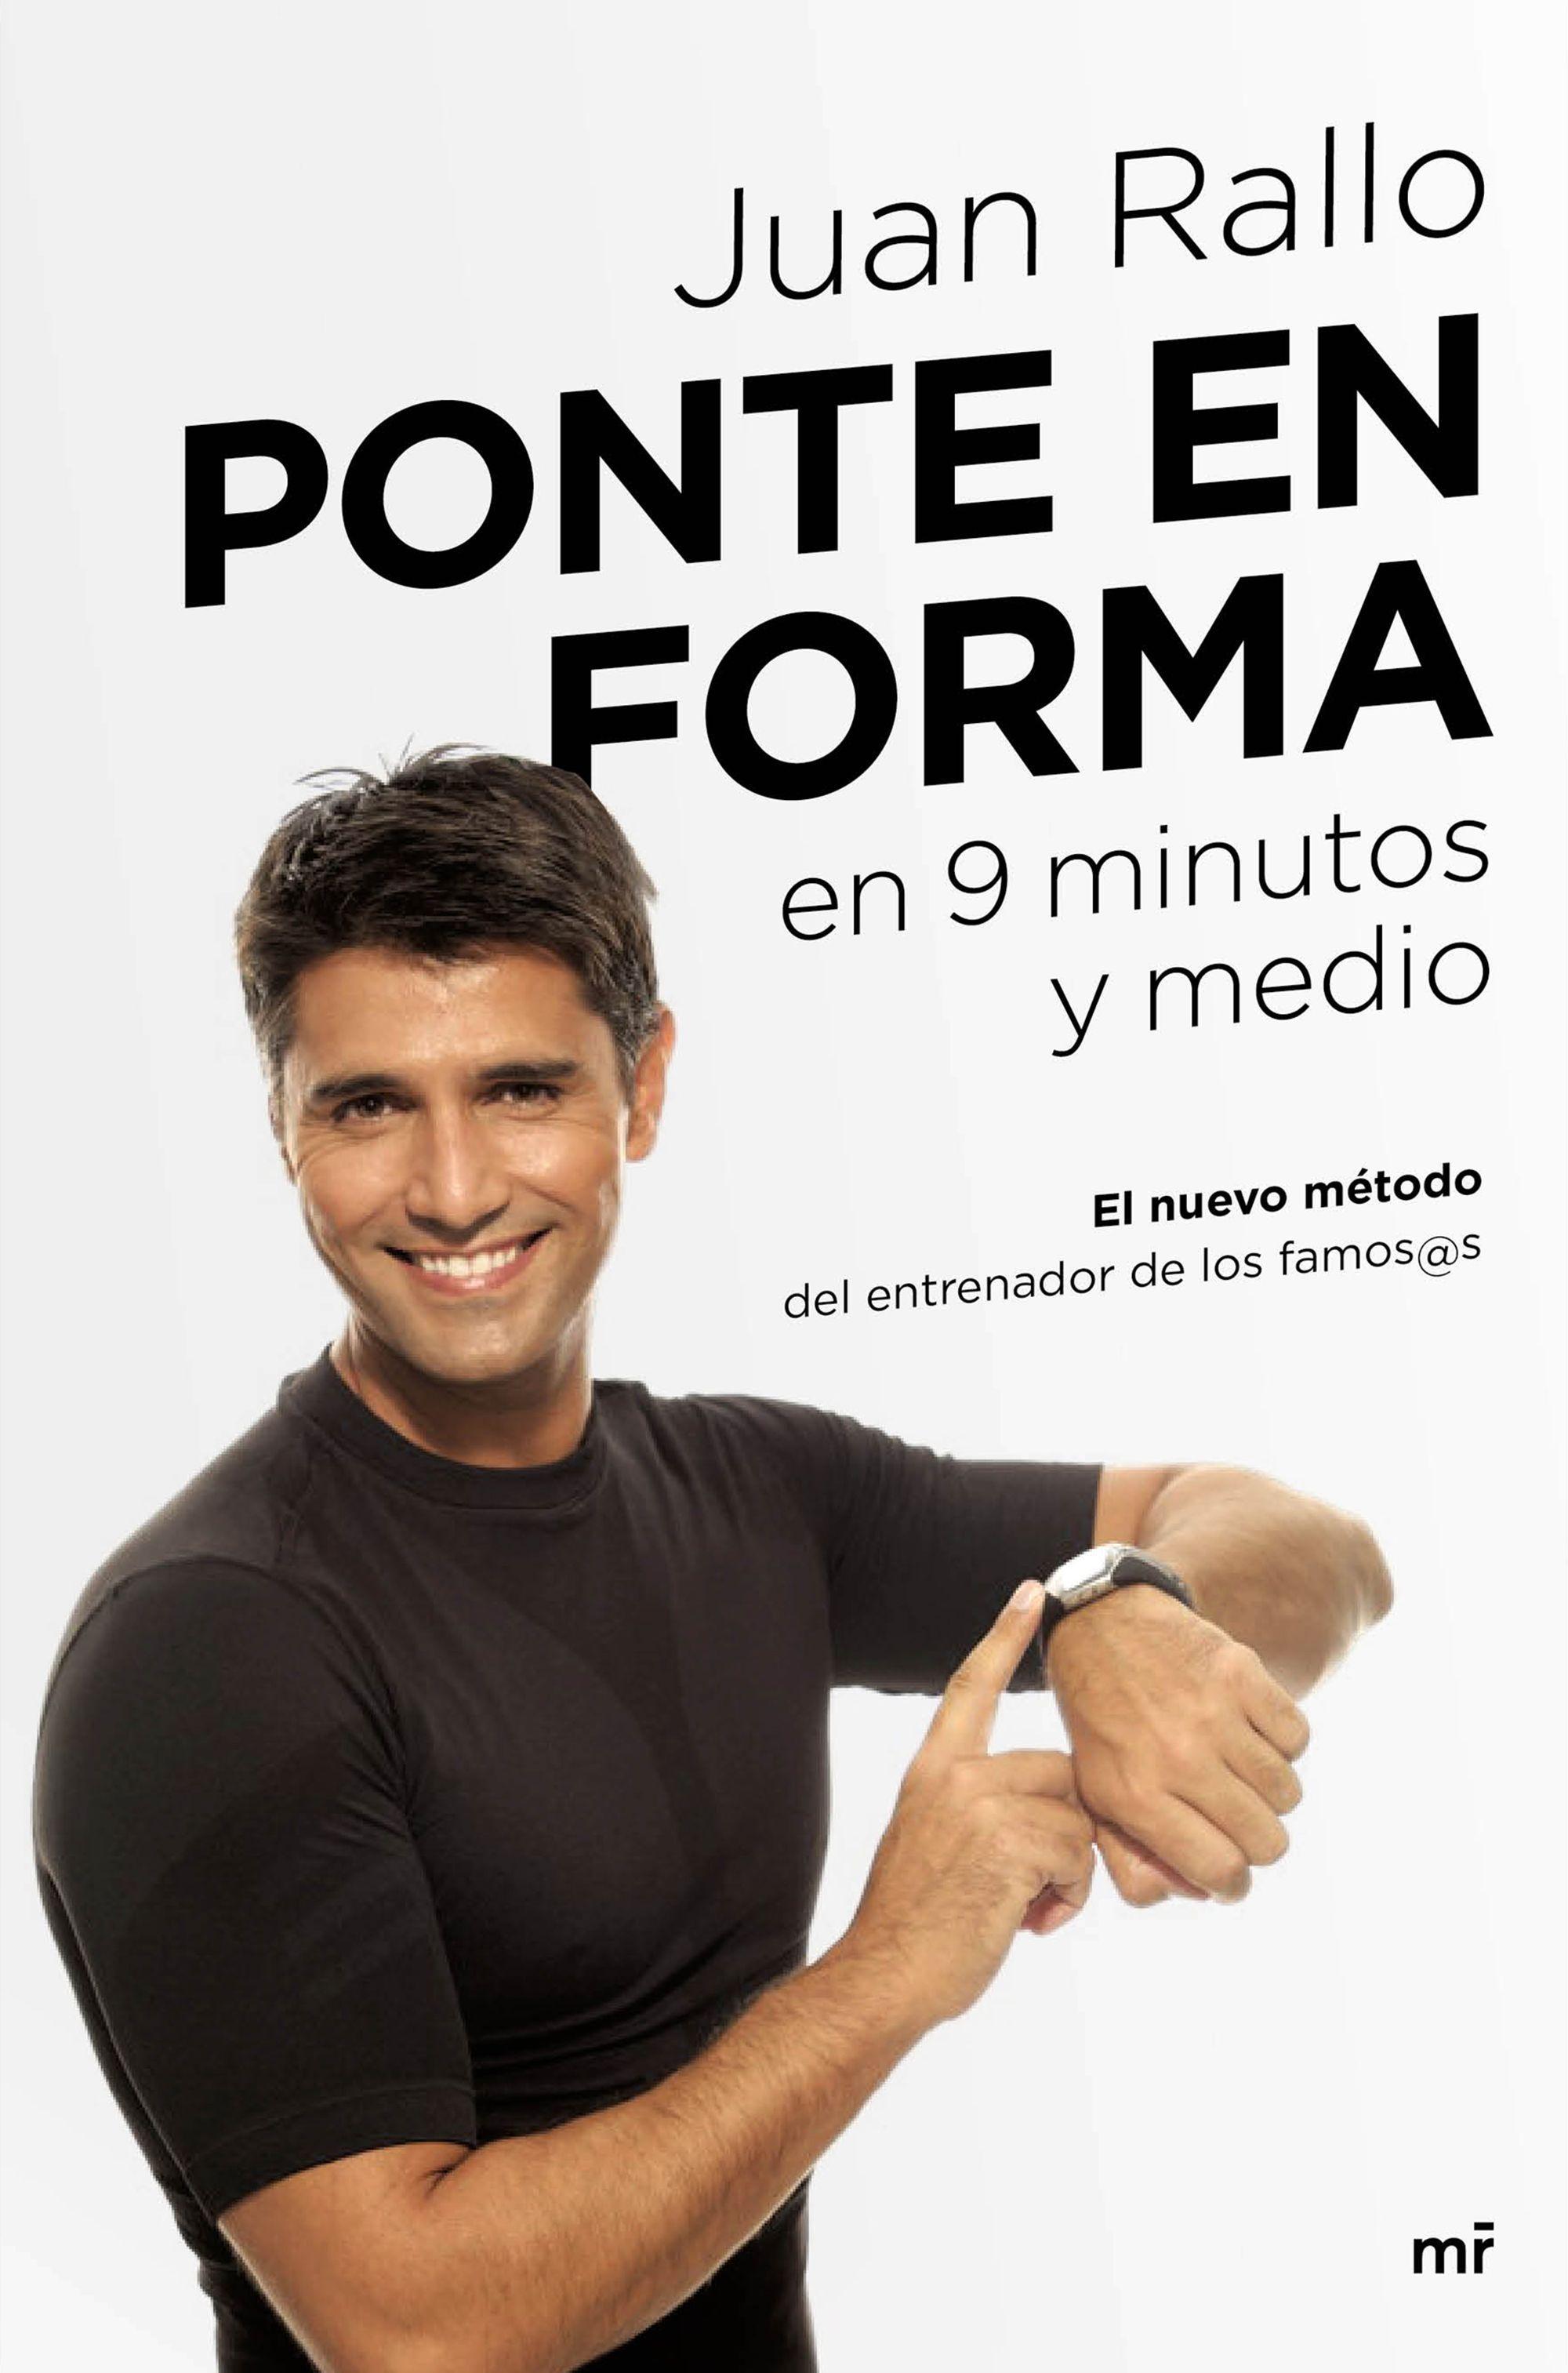 PONTE EN FORMA EN 9 MINUTOS Y MEDIO